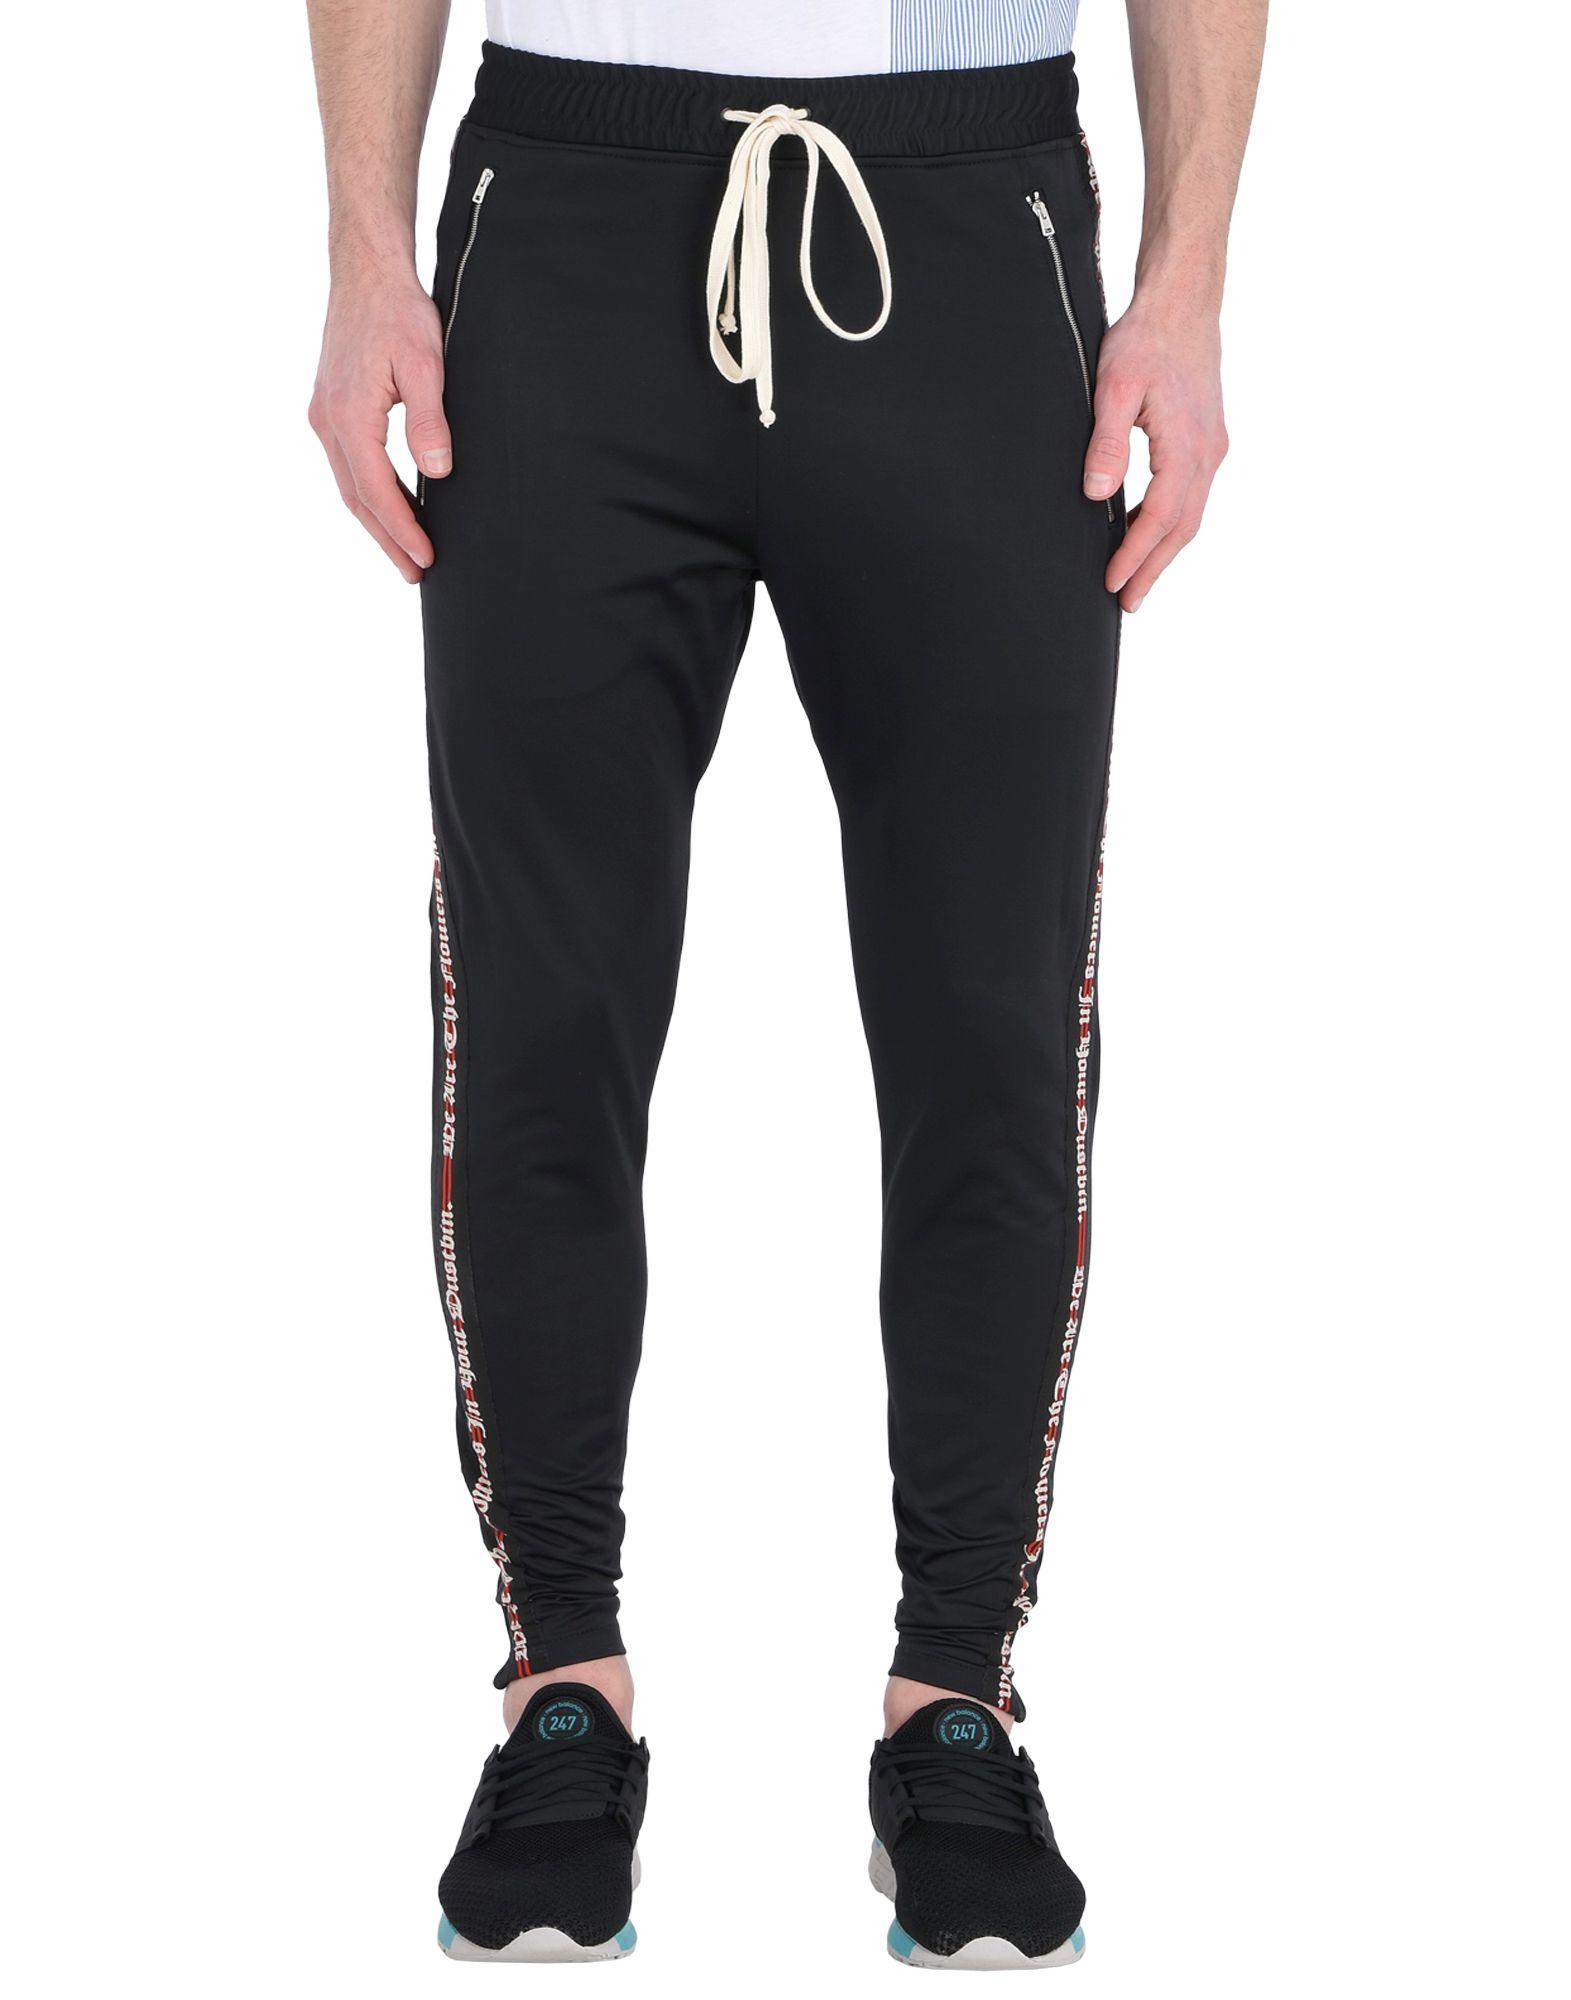 Pantalone Represent Uomo - Acquista online su